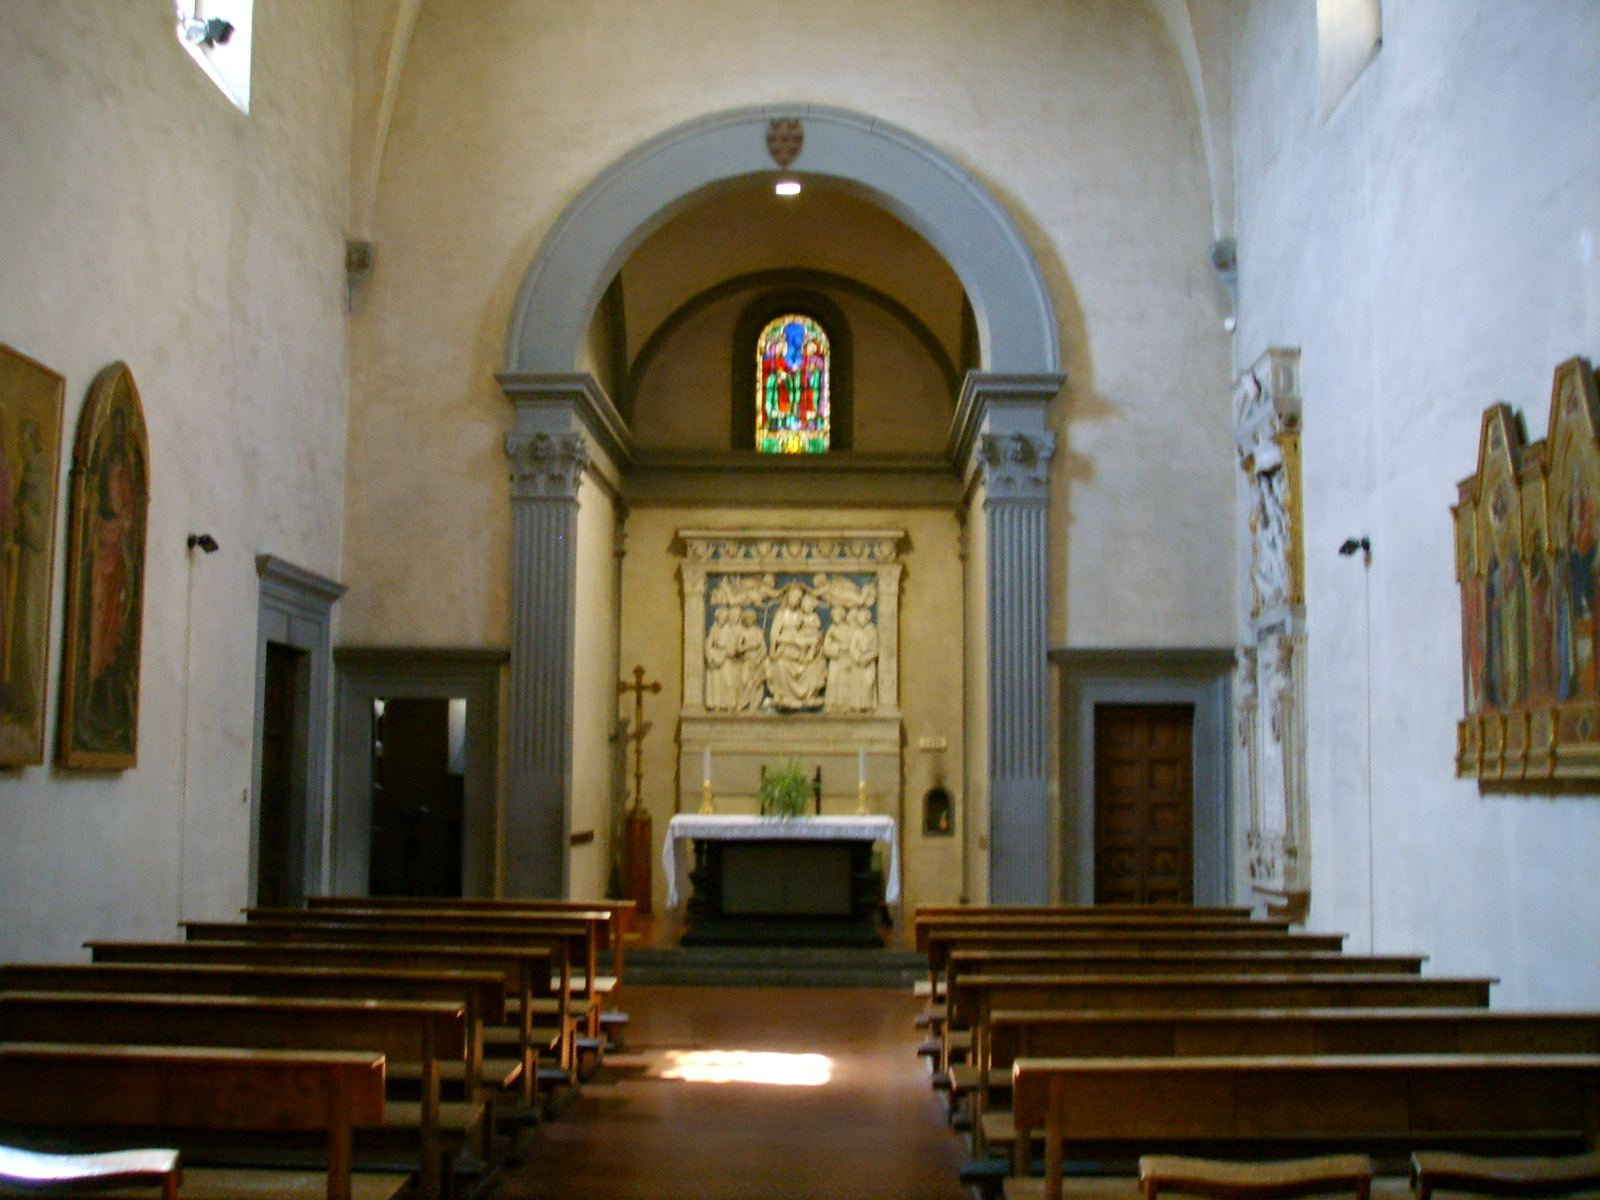 File:Chiesa di santa croce, cappella medici di michelozzo.JPG - Wikimedia Commons